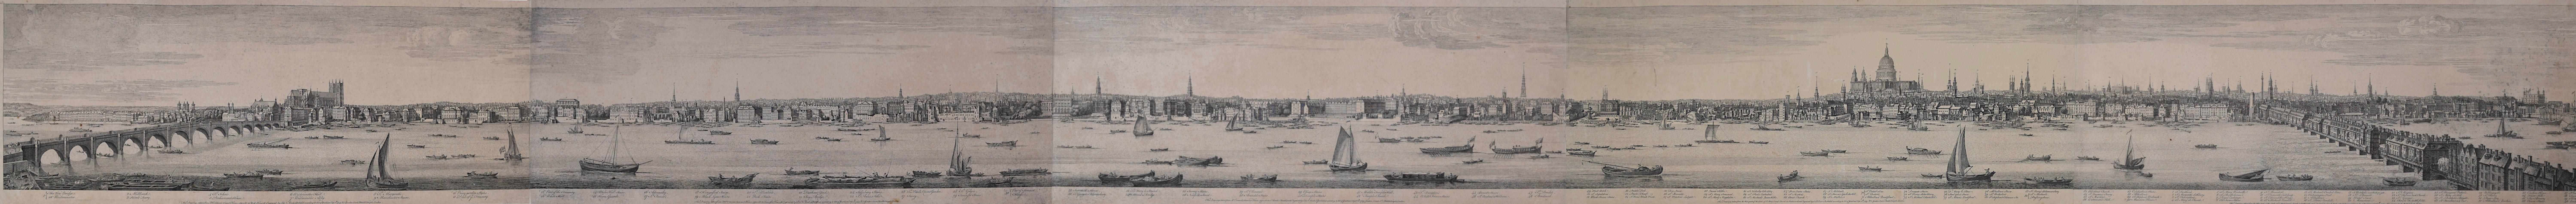 Panorama of London Samuel & Nathaniel Buck 1749 engraving